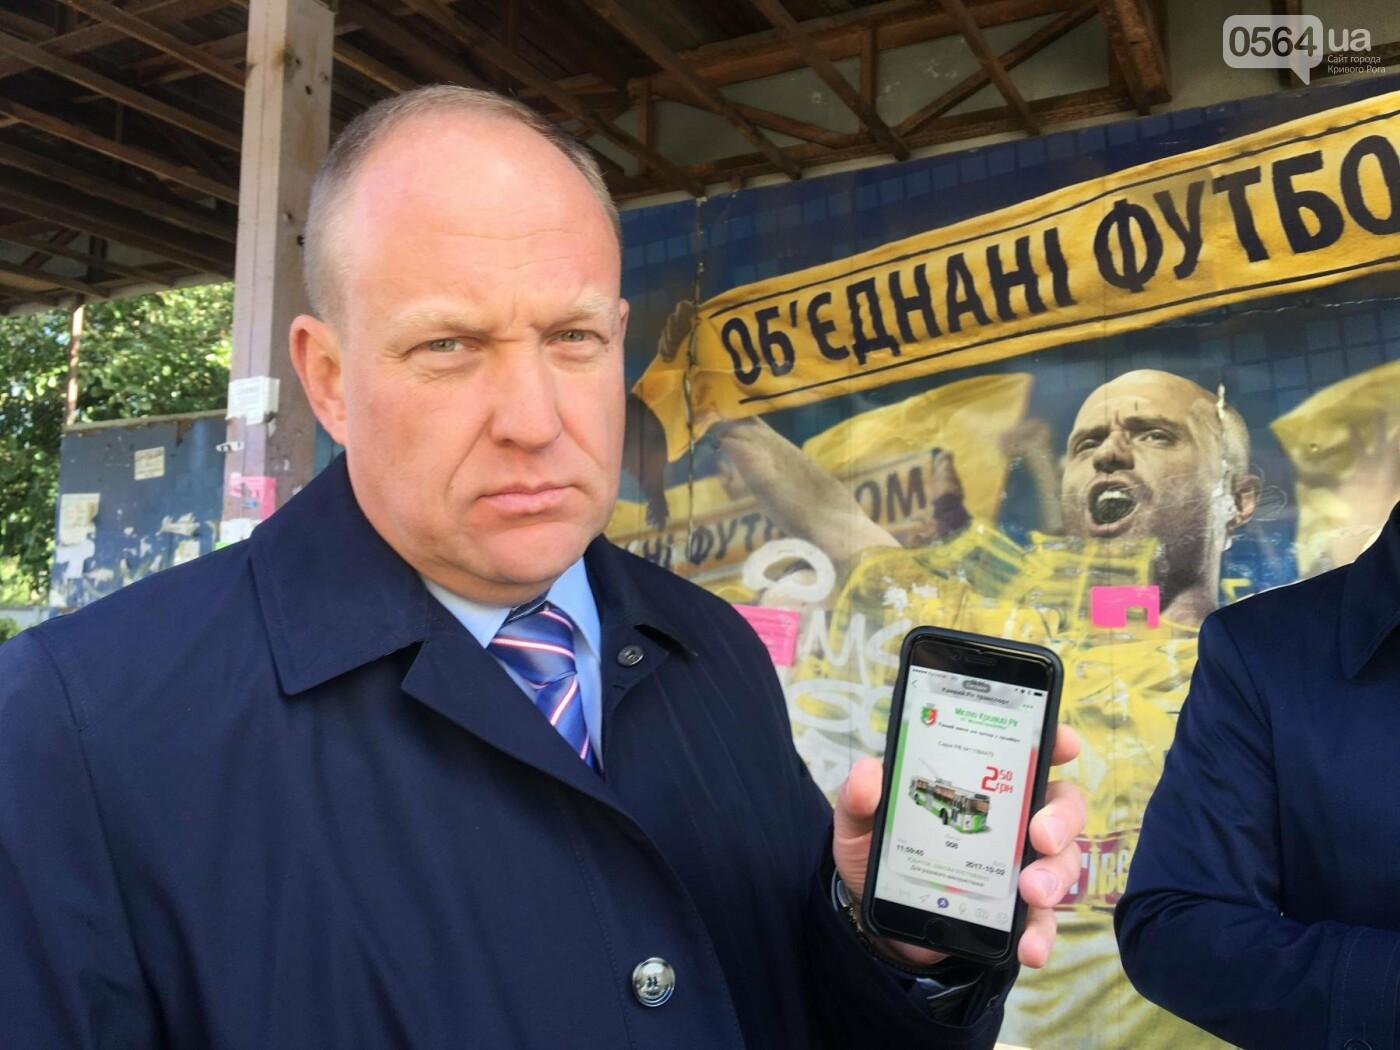 Криворожане могут не переживать, если забыли деньги: оплатить проезд можно с помощью QR-кода (ФОТО), фото-15